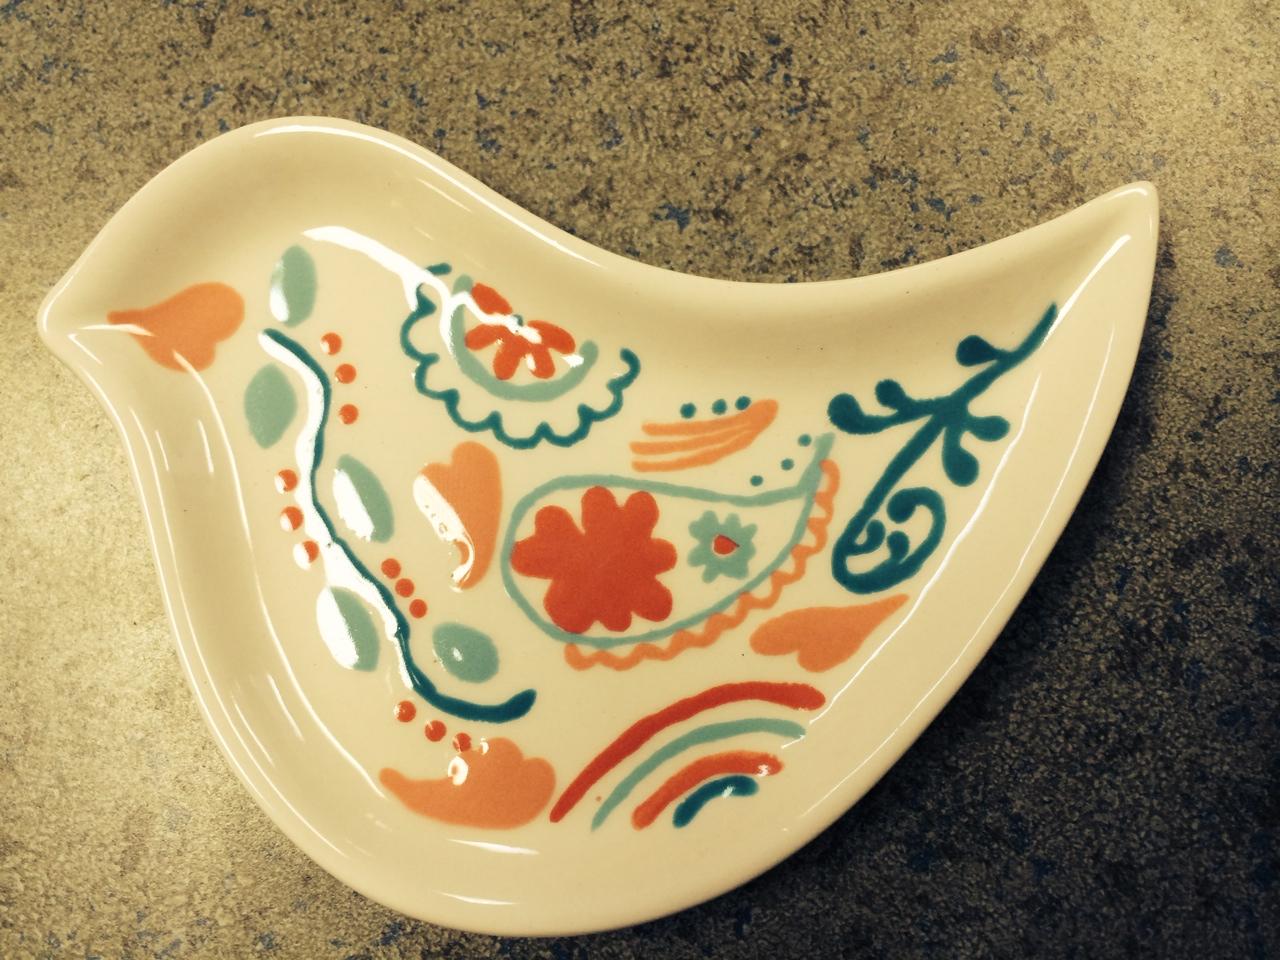 birdy dish